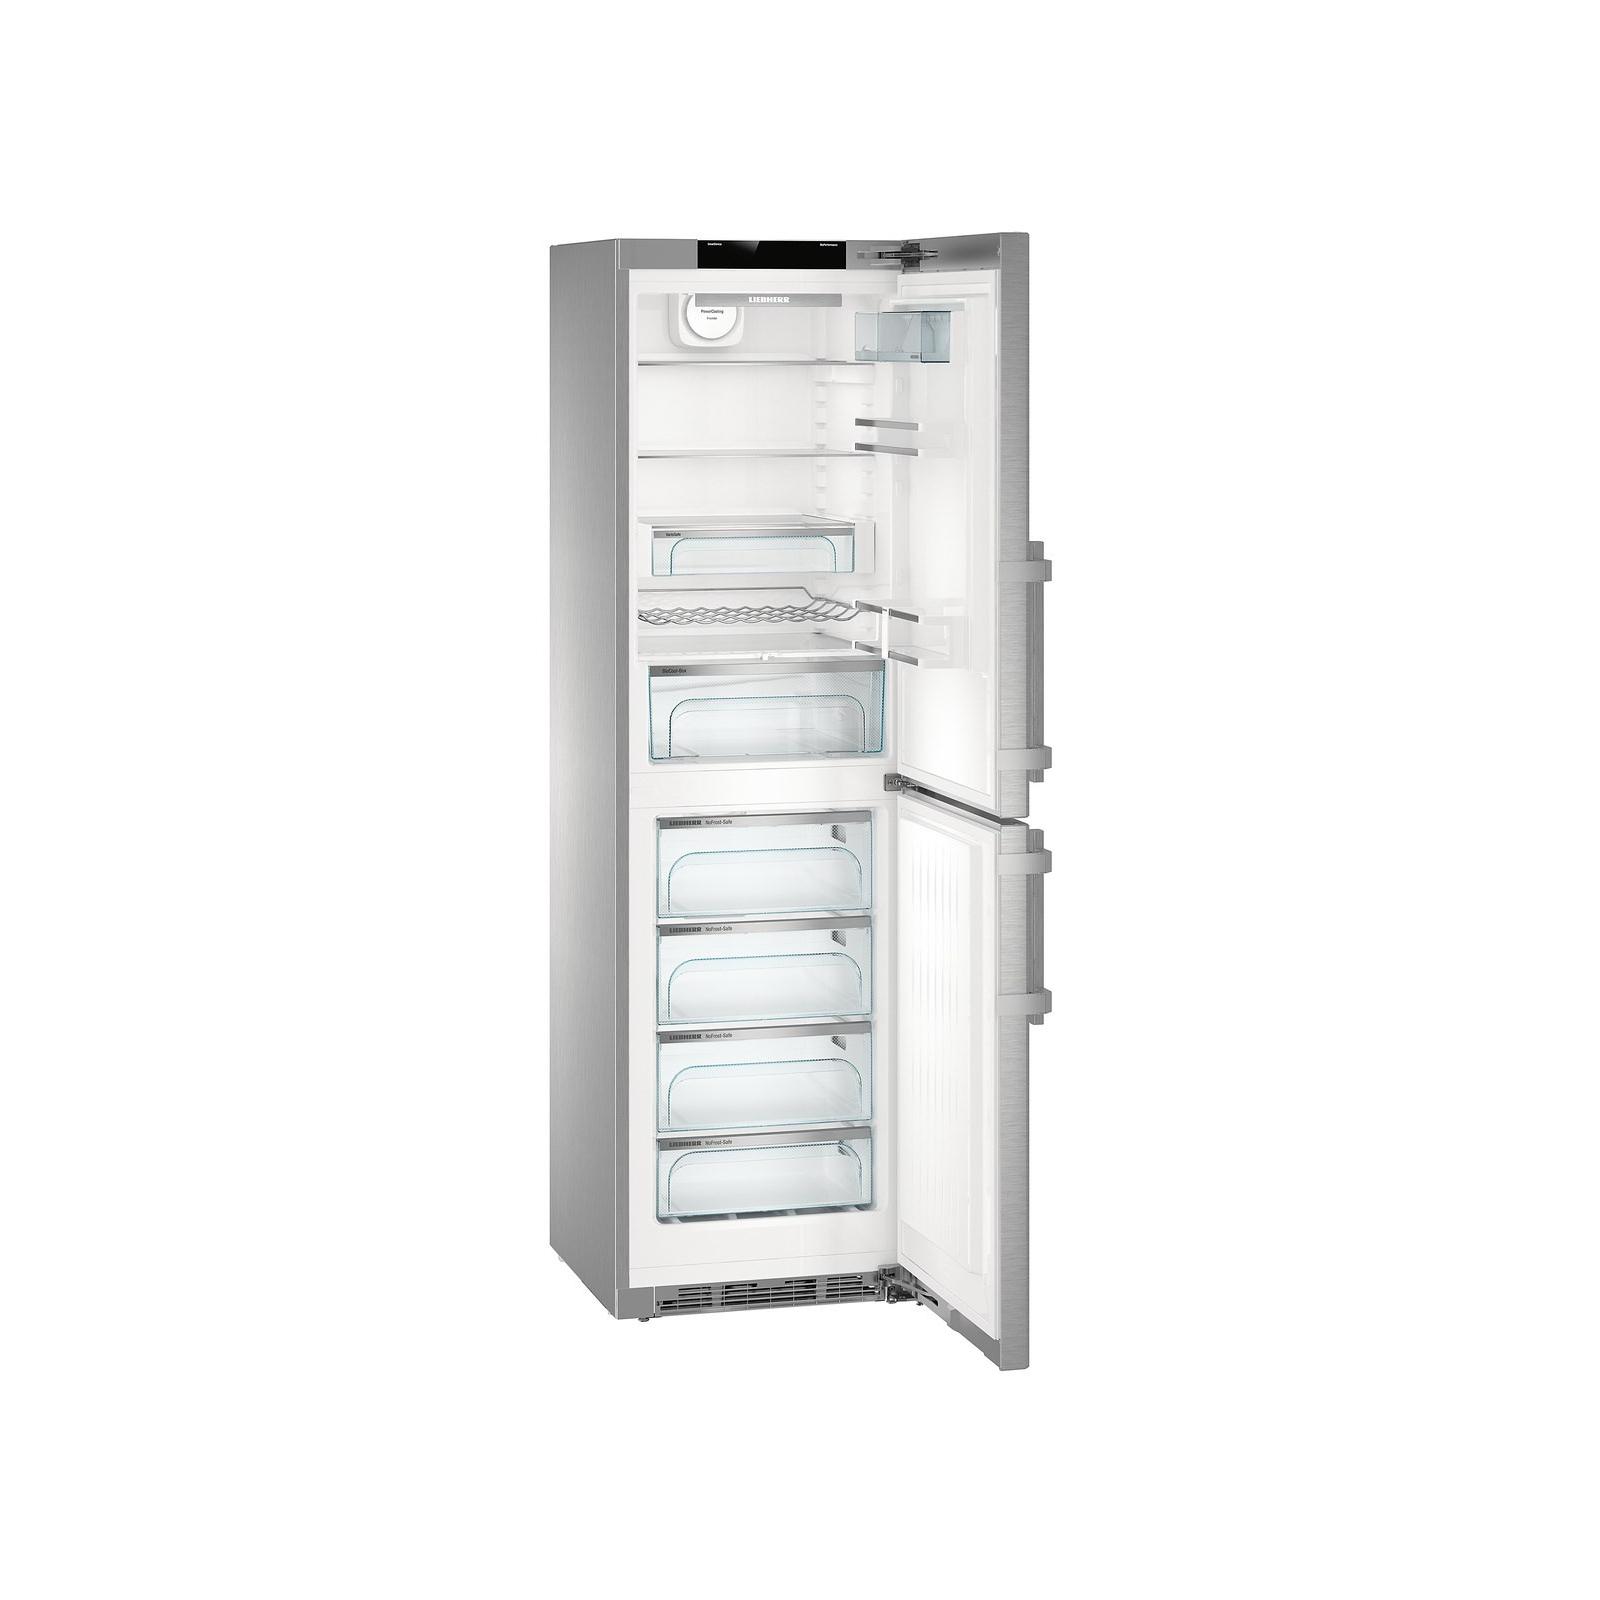 Холодильник Liebherr CNPes 4758 изображение 3